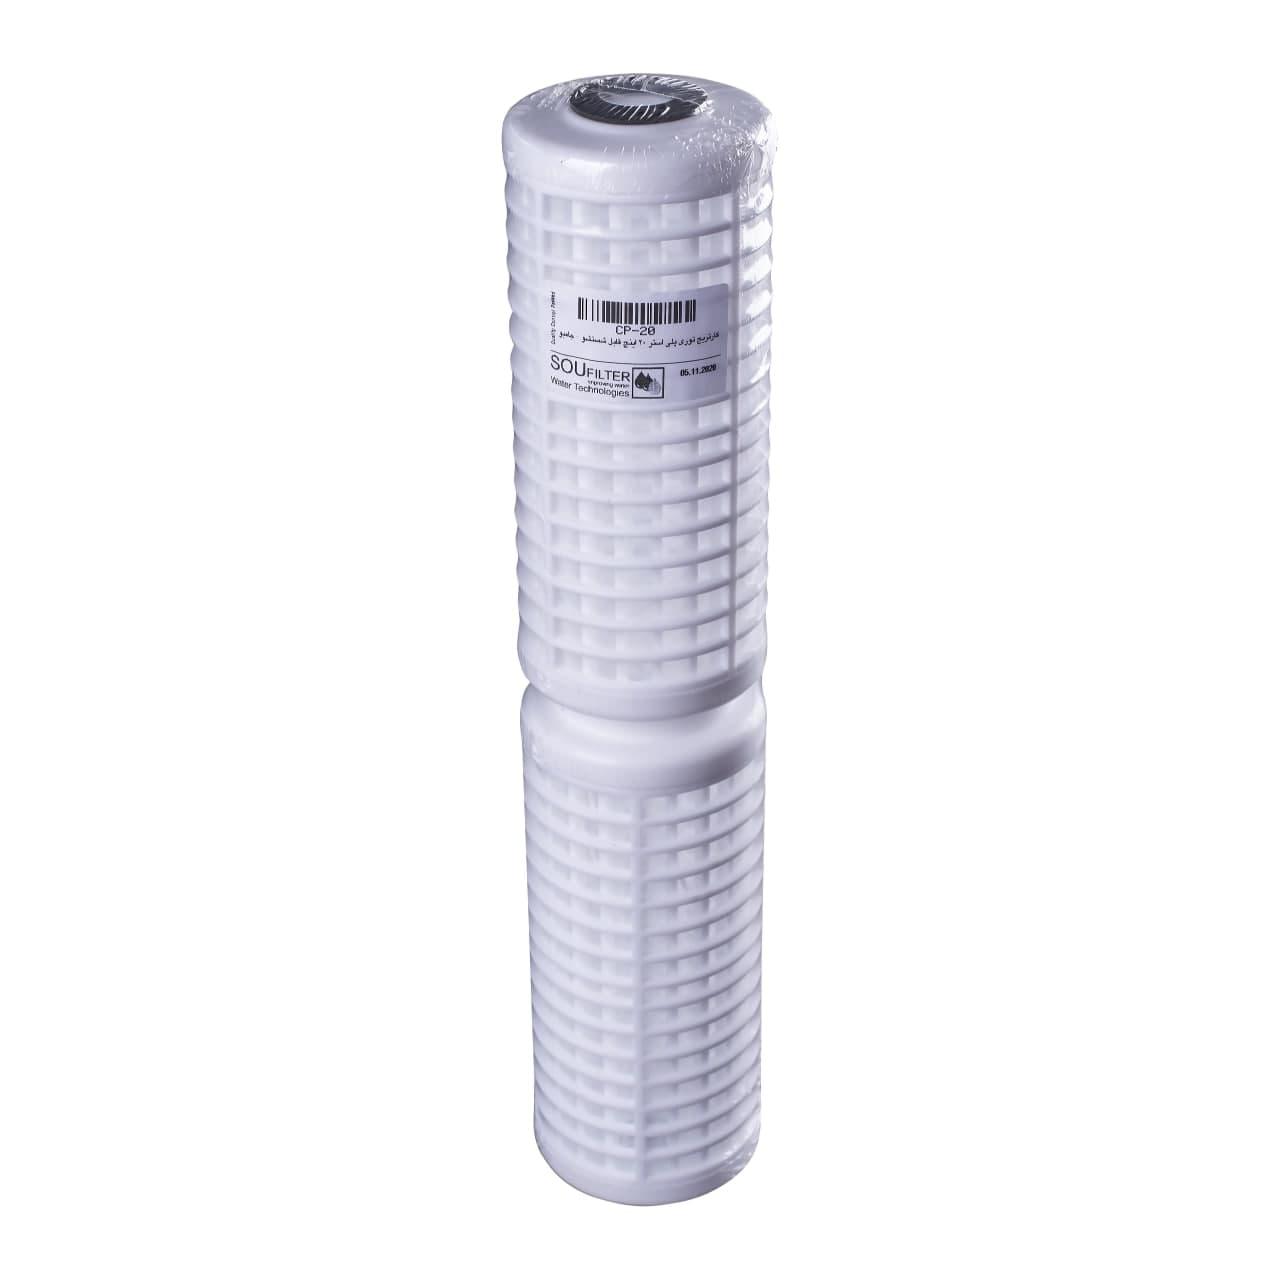 فیلتر شن گیر 20 اینچ 50 میکرون جامبو